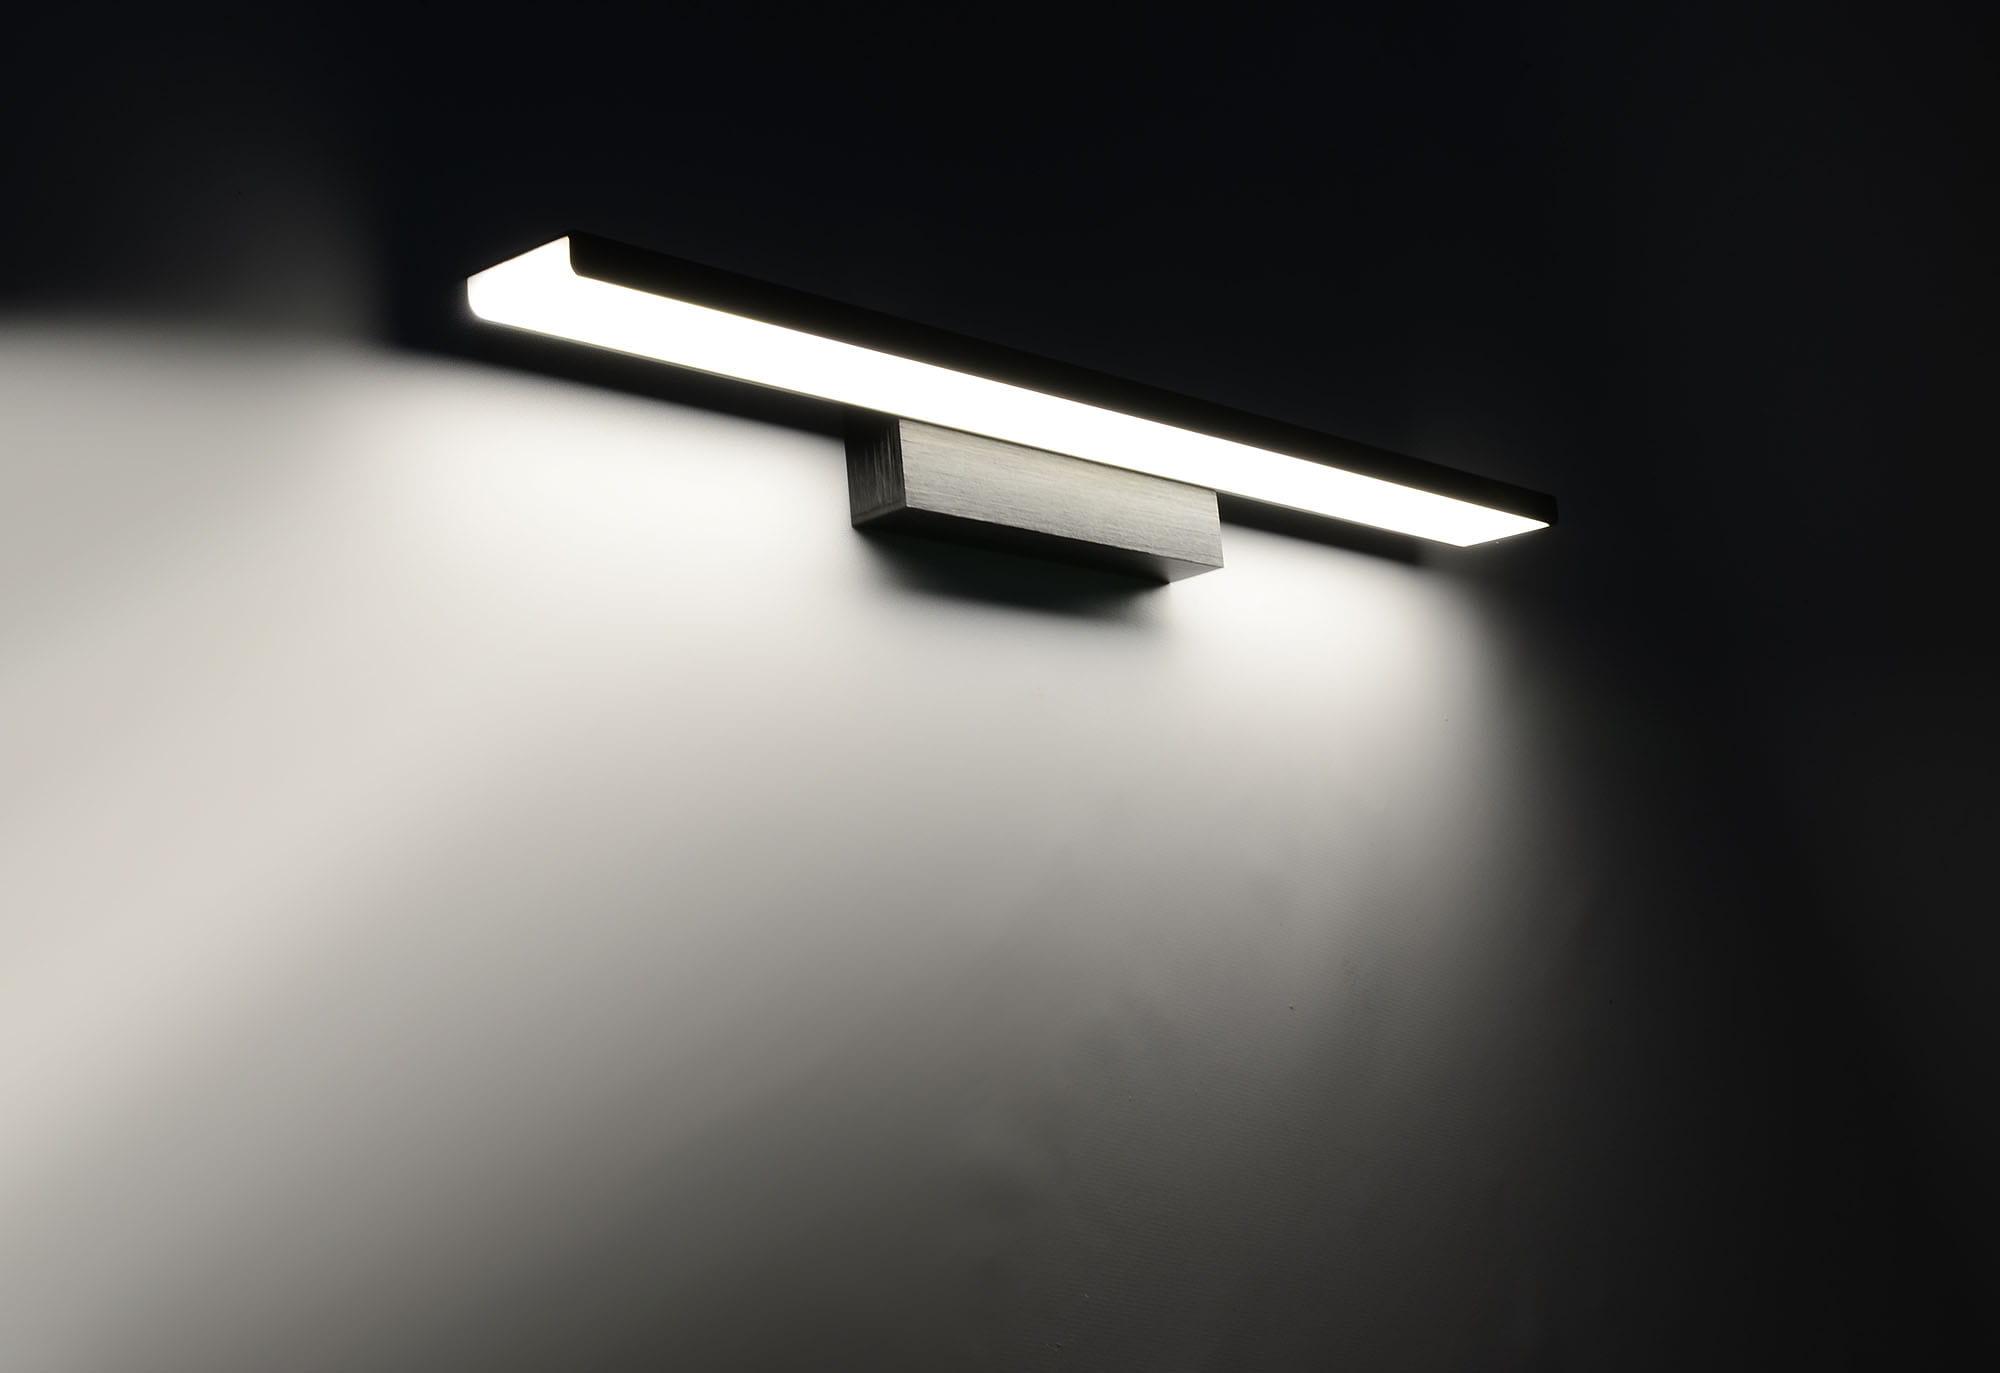 Kinkiet Nad Lustro Czarny Led 24w Lampa łazienkowa 6330